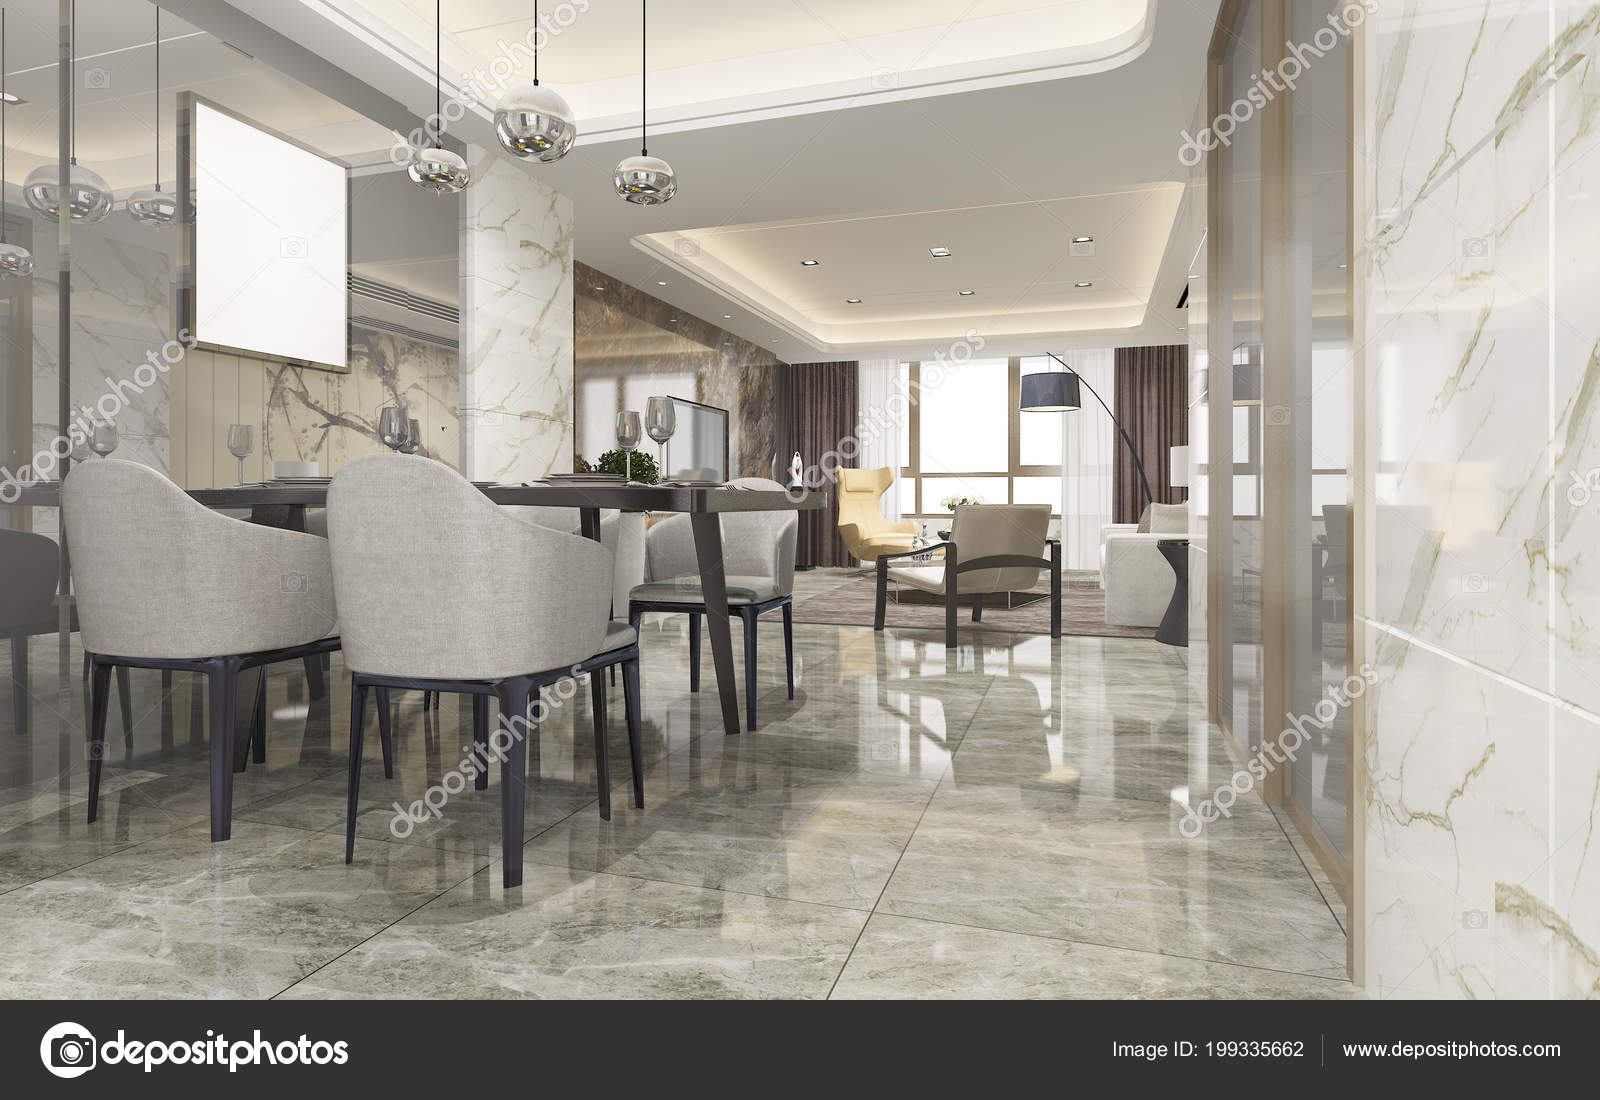 Moderne Inrichting Woonkamer : Rendering moderne eetkamer woonkamer met luxe inrichting u2014 stockfoto